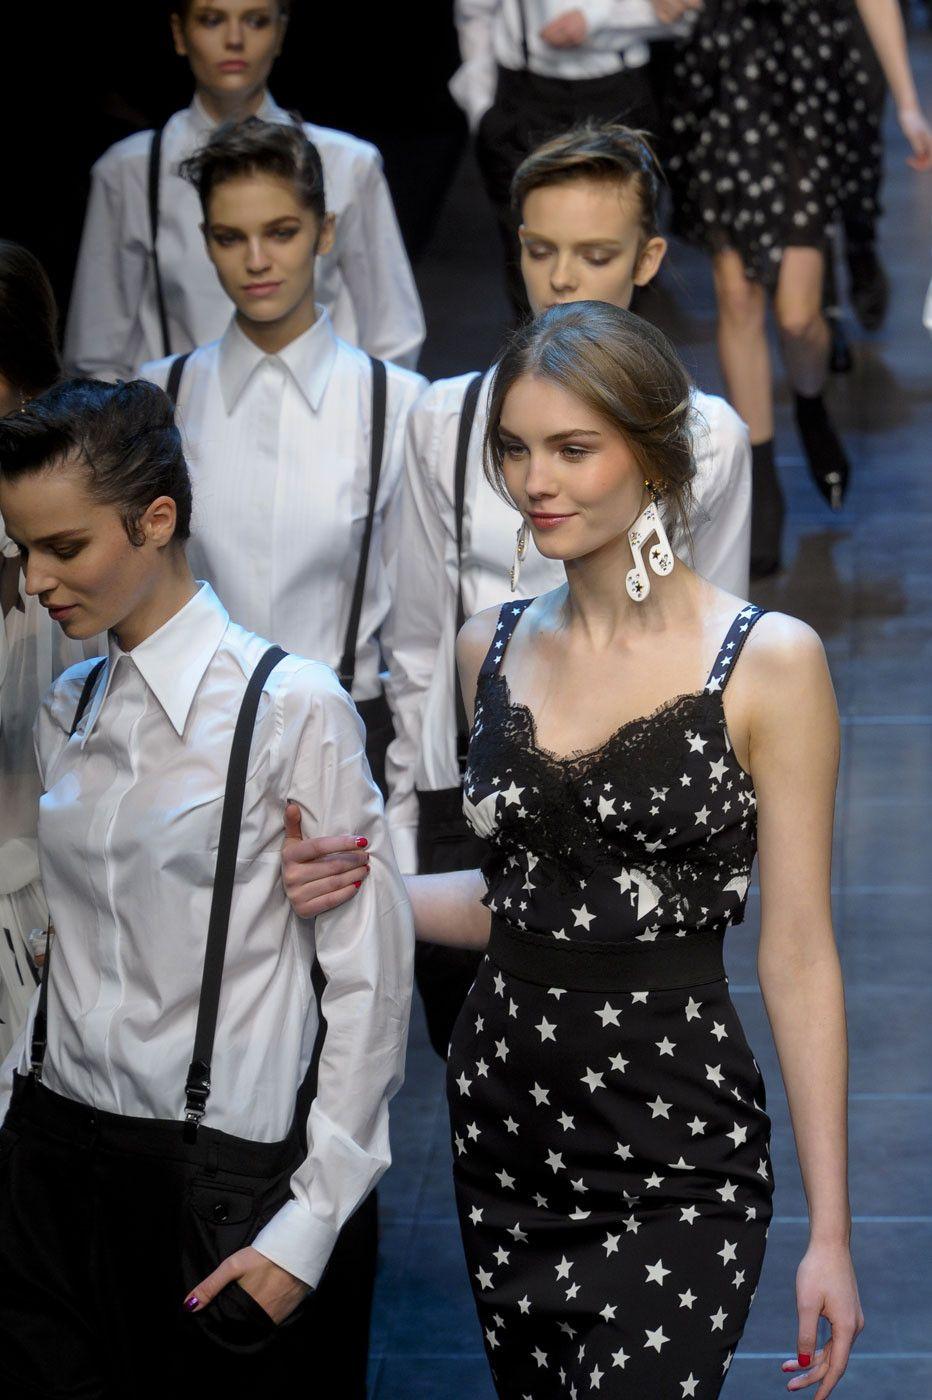 308 photos of Dolce & Gabbana at Milan Fashion Week Fall 2011.